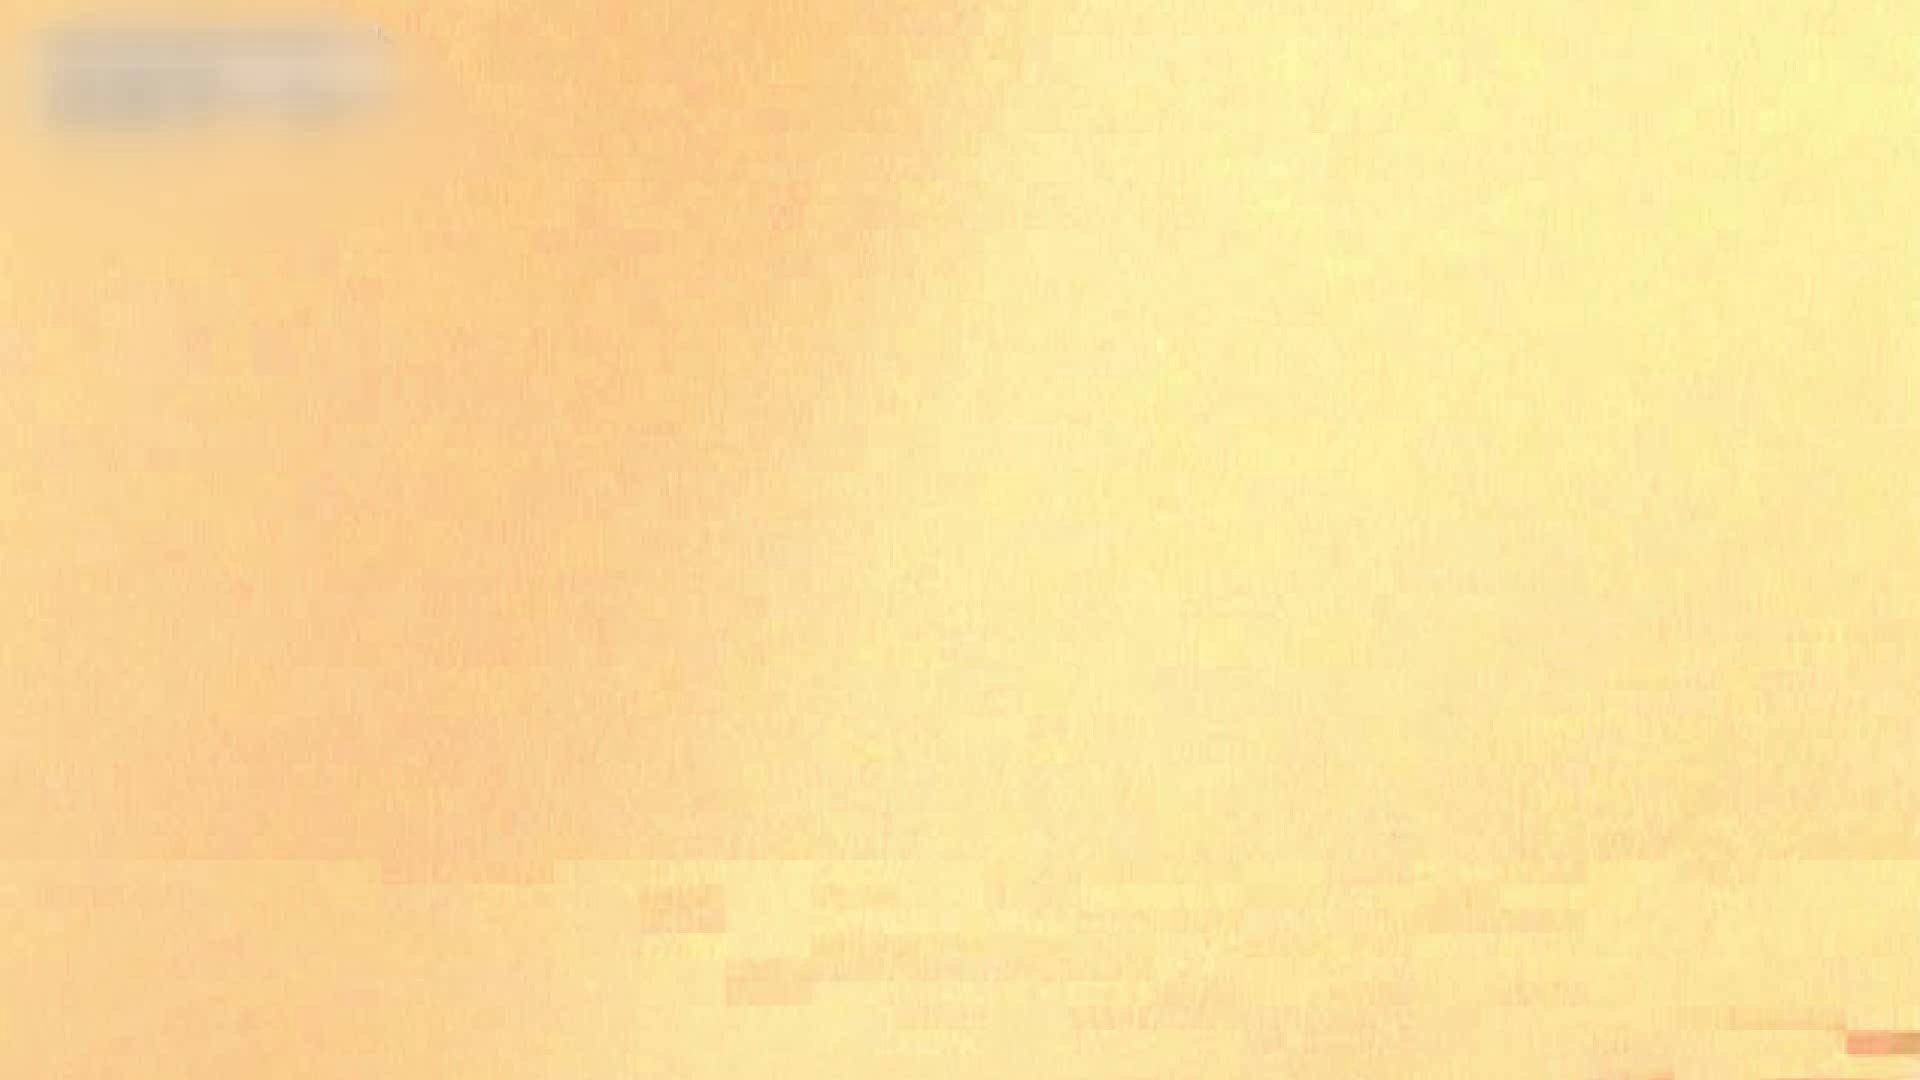 ロックハンドさんの盗撮記録File.32 オマンコギャル エロ画像 111連発 12